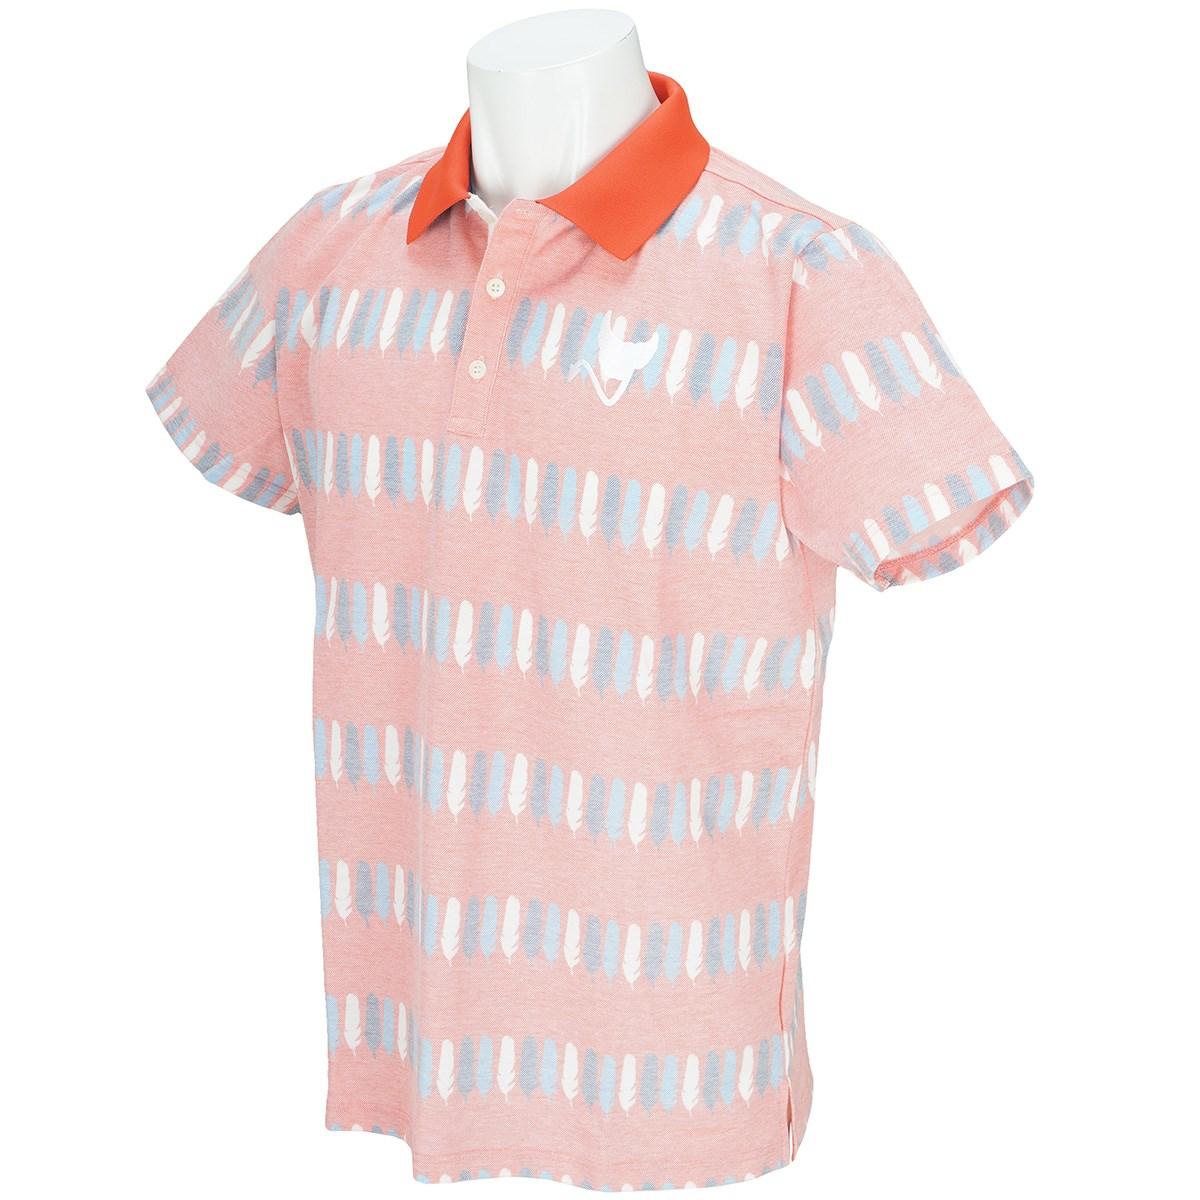 クランク(Clunk) ウイングボーダー半袖ポロシャツ